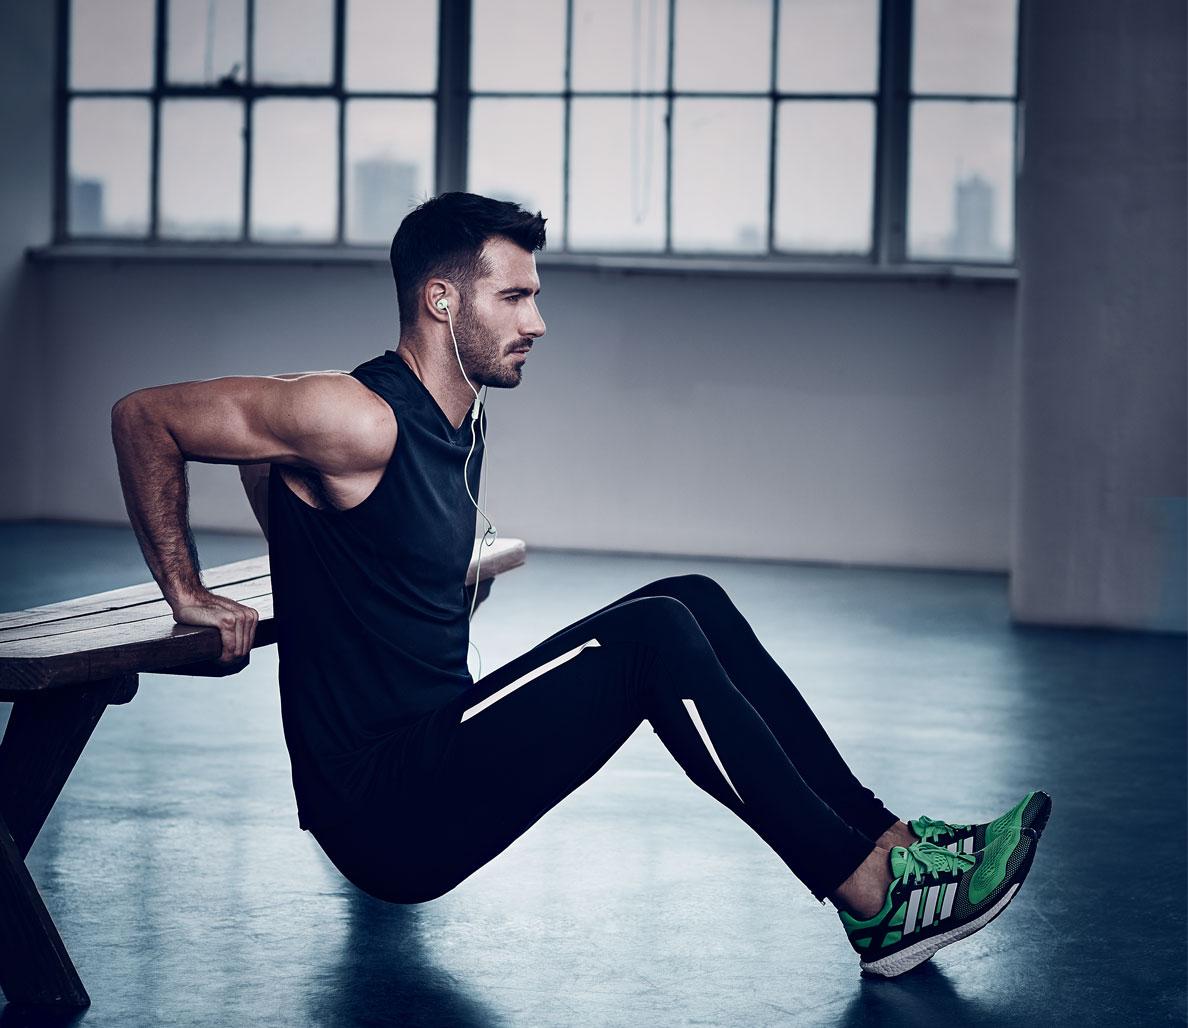 ورزش کنید - ویکی روان